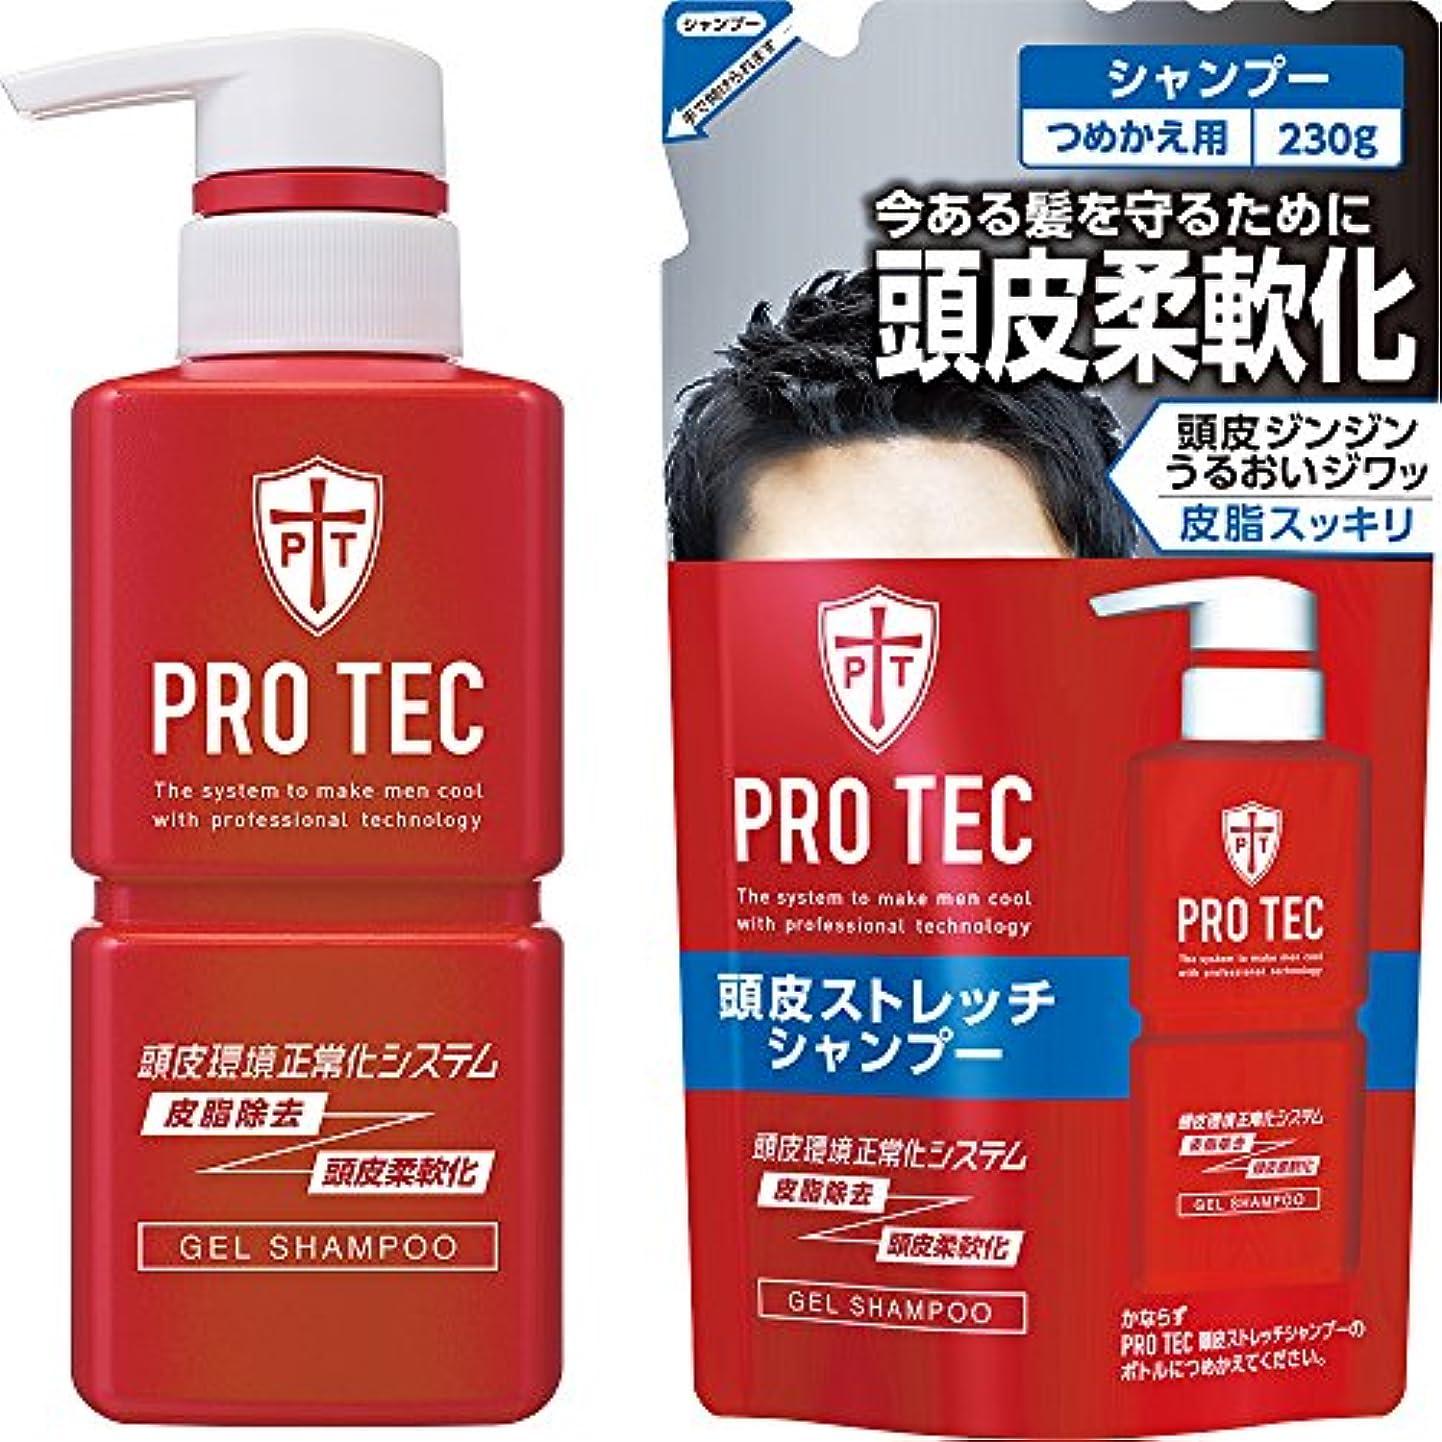 ベリー協会煙突PRO TEC(プロテク) 頭皮ストレッチシャンプー 本体ポンプ300g+詰め替え230g セット(医薬部外品)